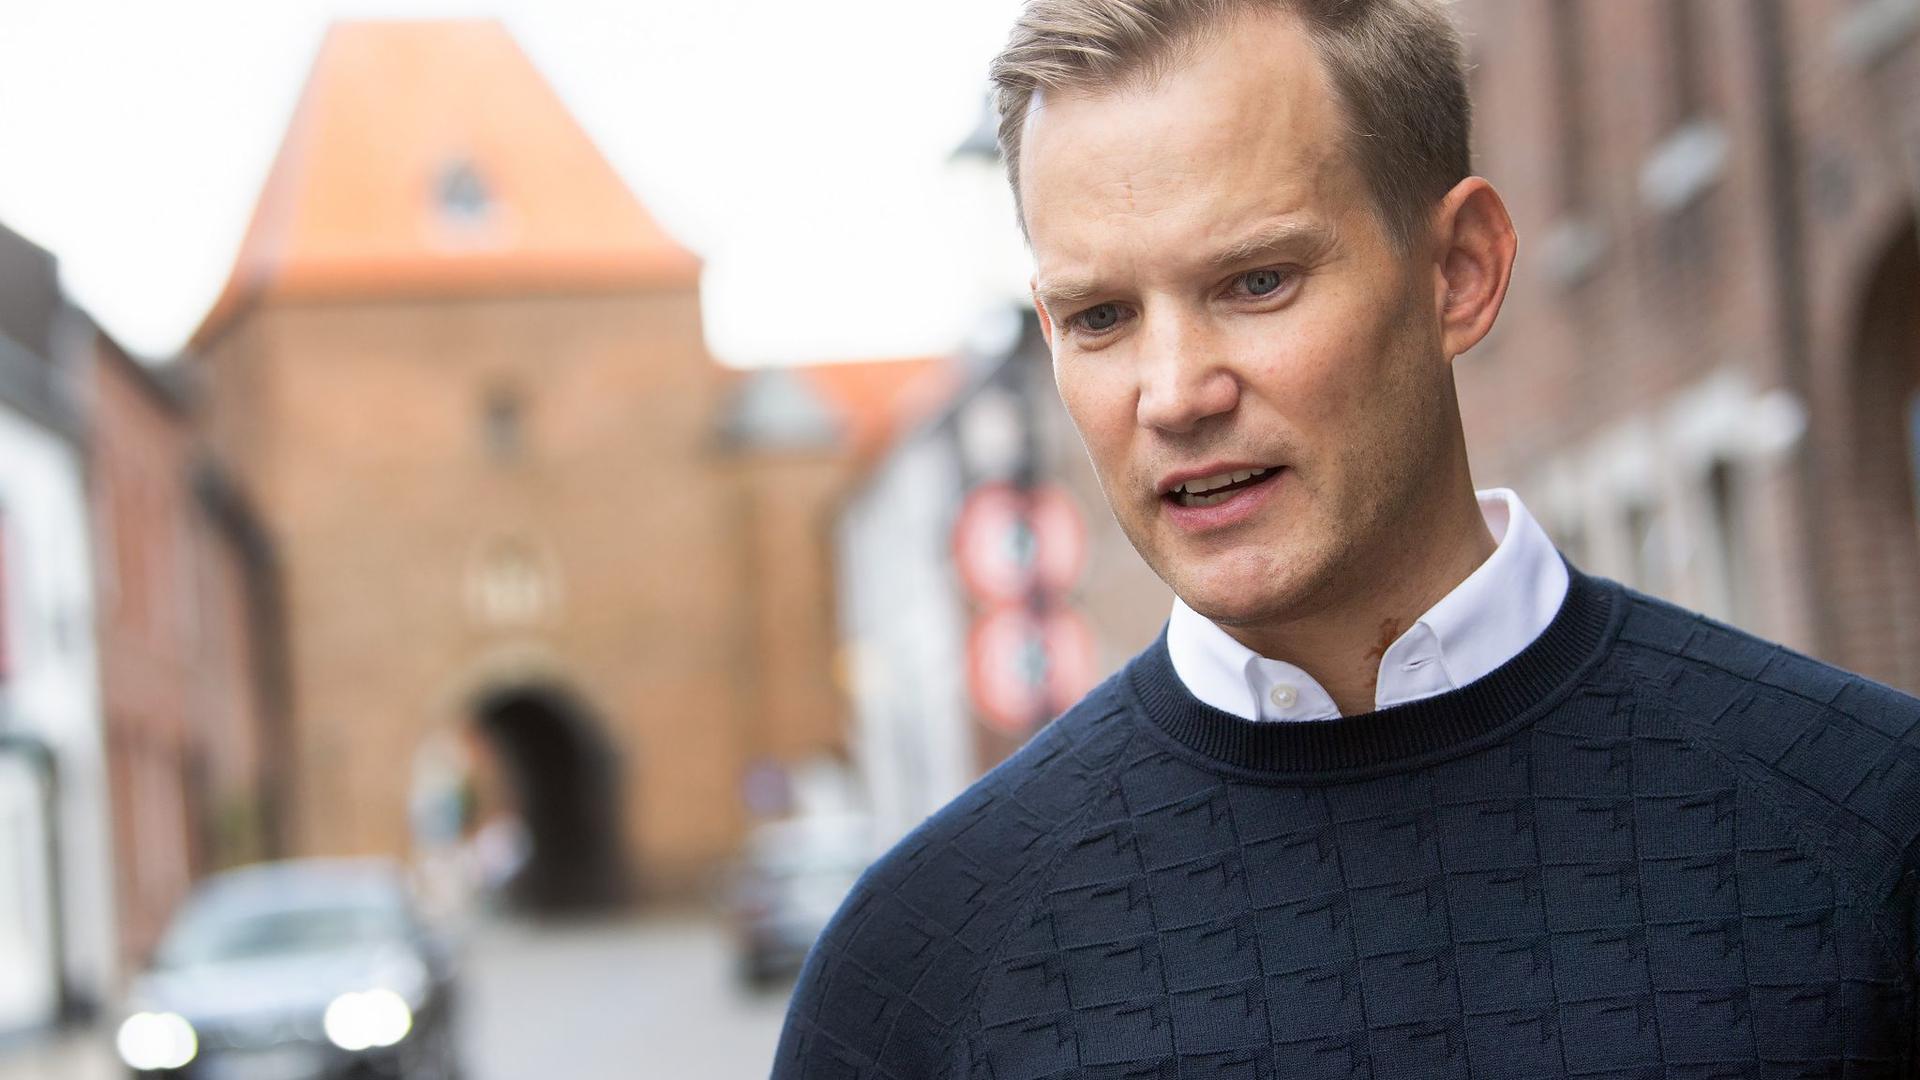 Hendrik Streeck kritisiert in einem Interview die Corona-Politik:Es sei nicht gut, wenn sich ganze Bevölkerungsgruppen nicht wahrgenommen fühlten, so der Virologe.